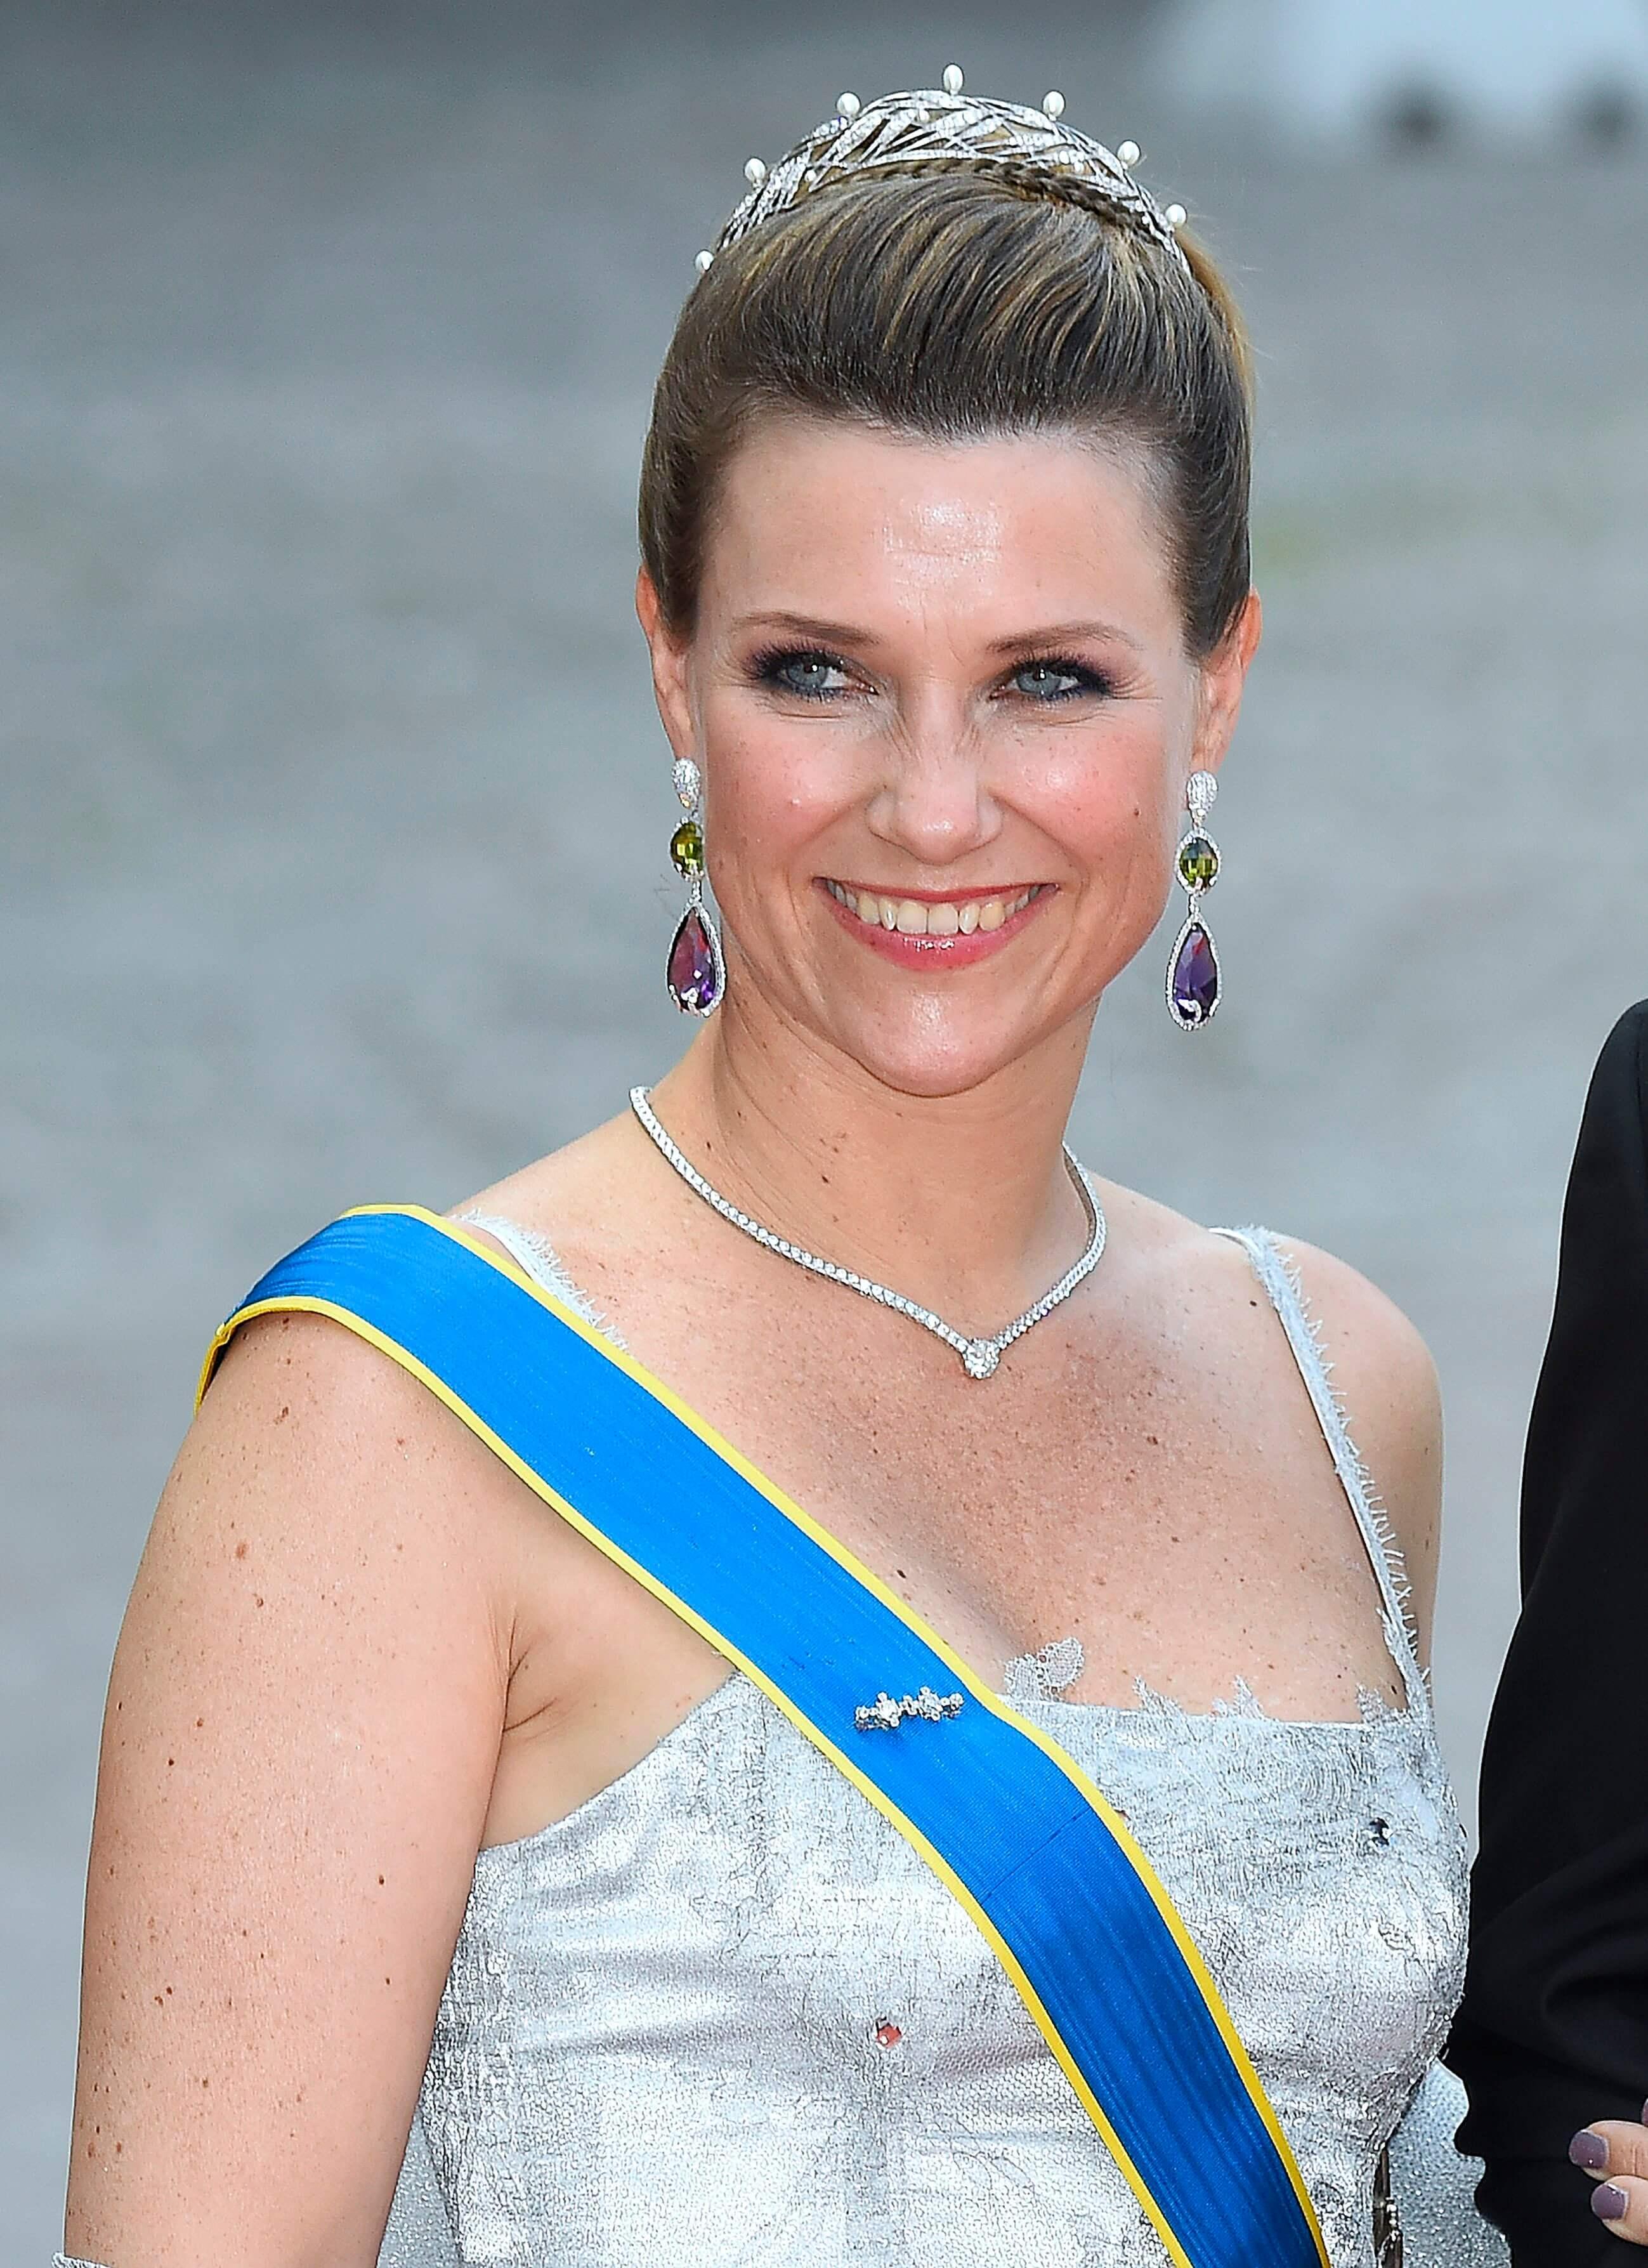 Prinzessin Märtha Louise stellt Weltrekord auf